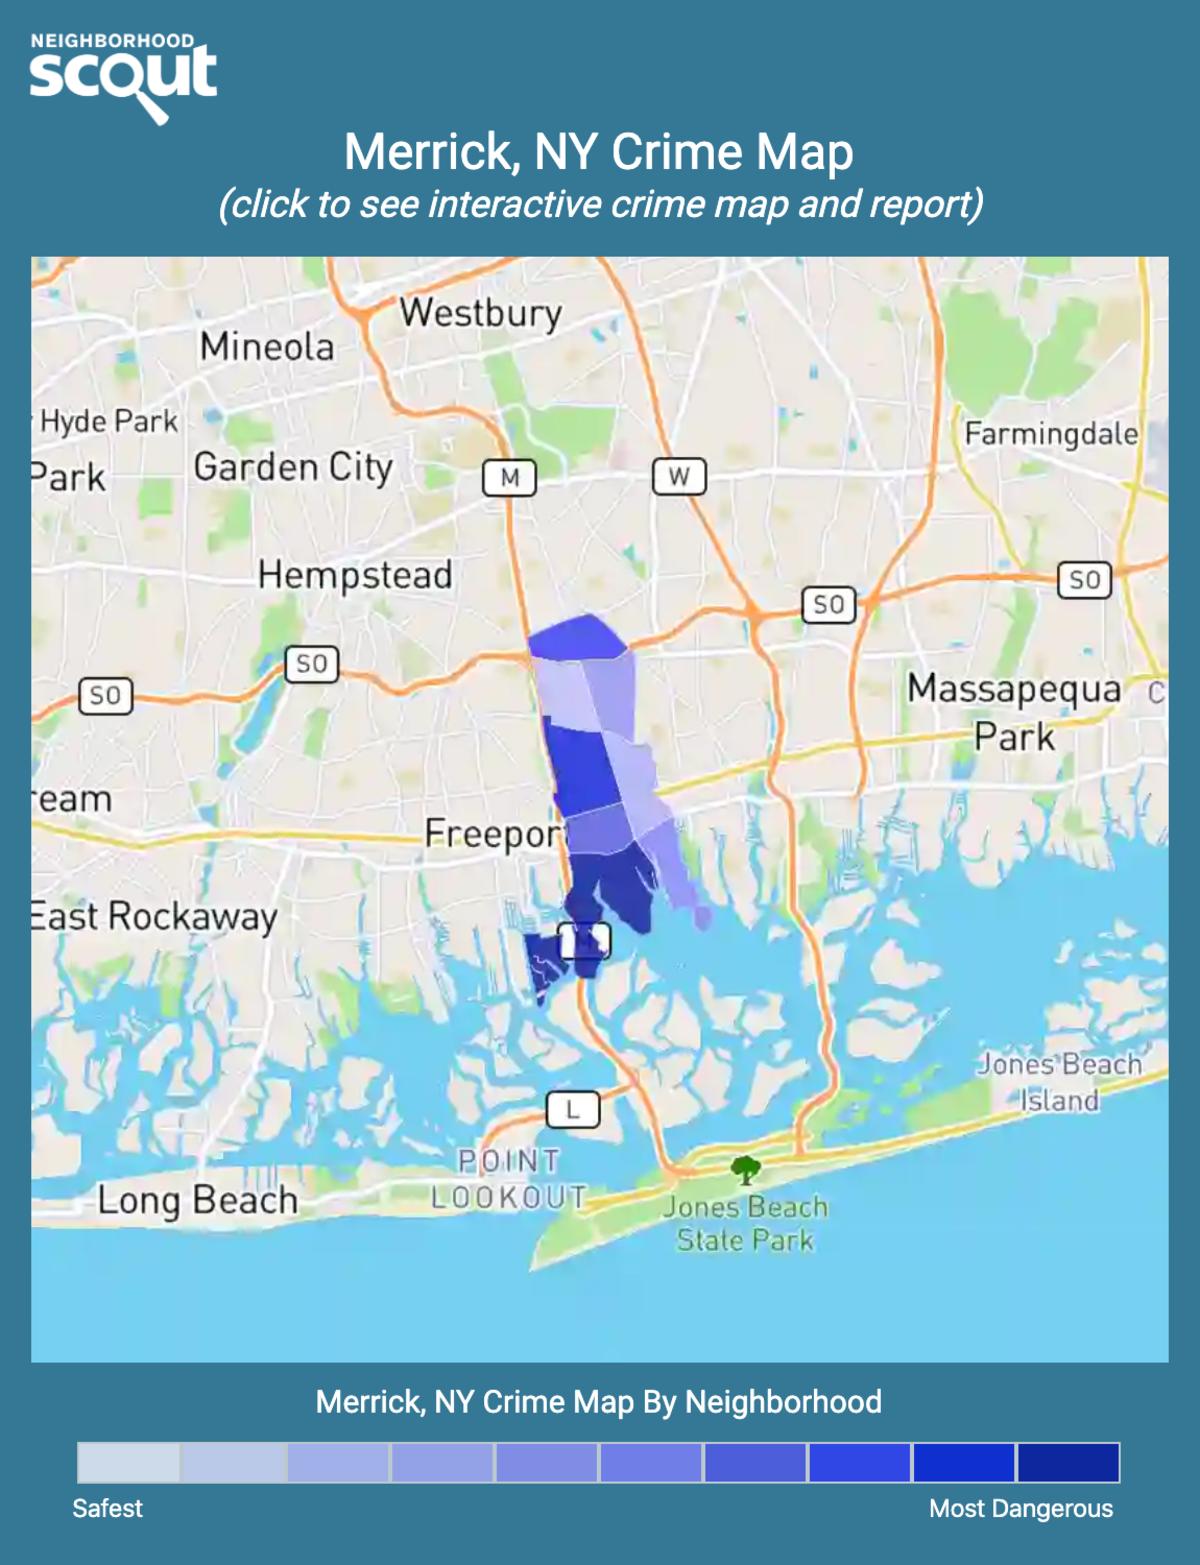 Merrick, New York crime map